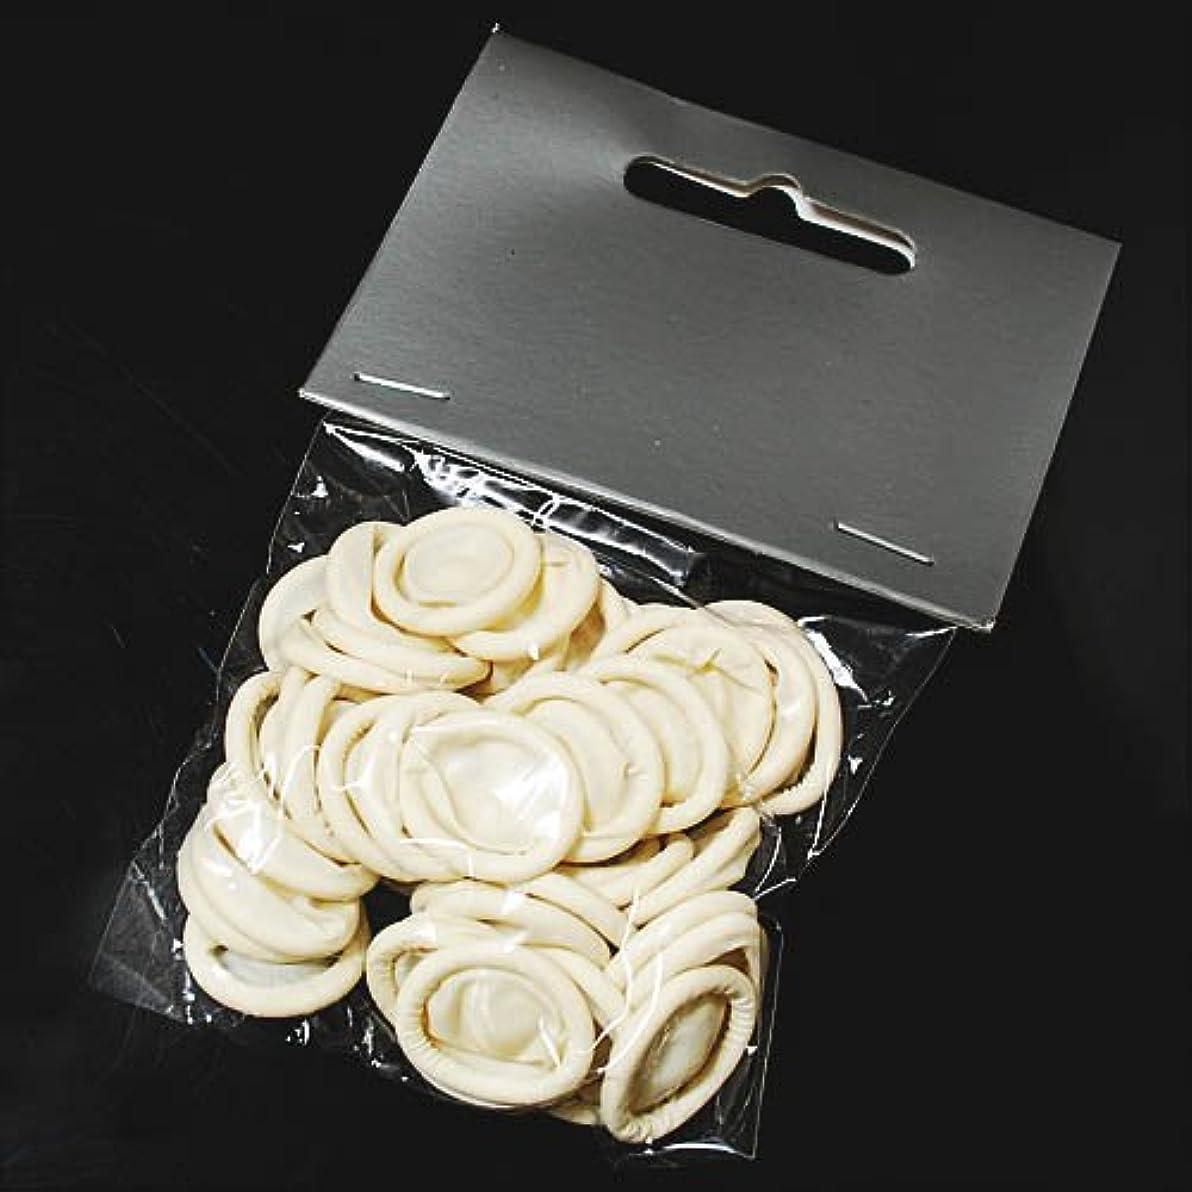 マンハッタンリール報奨金ジェルネイル のオフに使える ジェルネイルオフカバー [50個] フィンガーキャップ